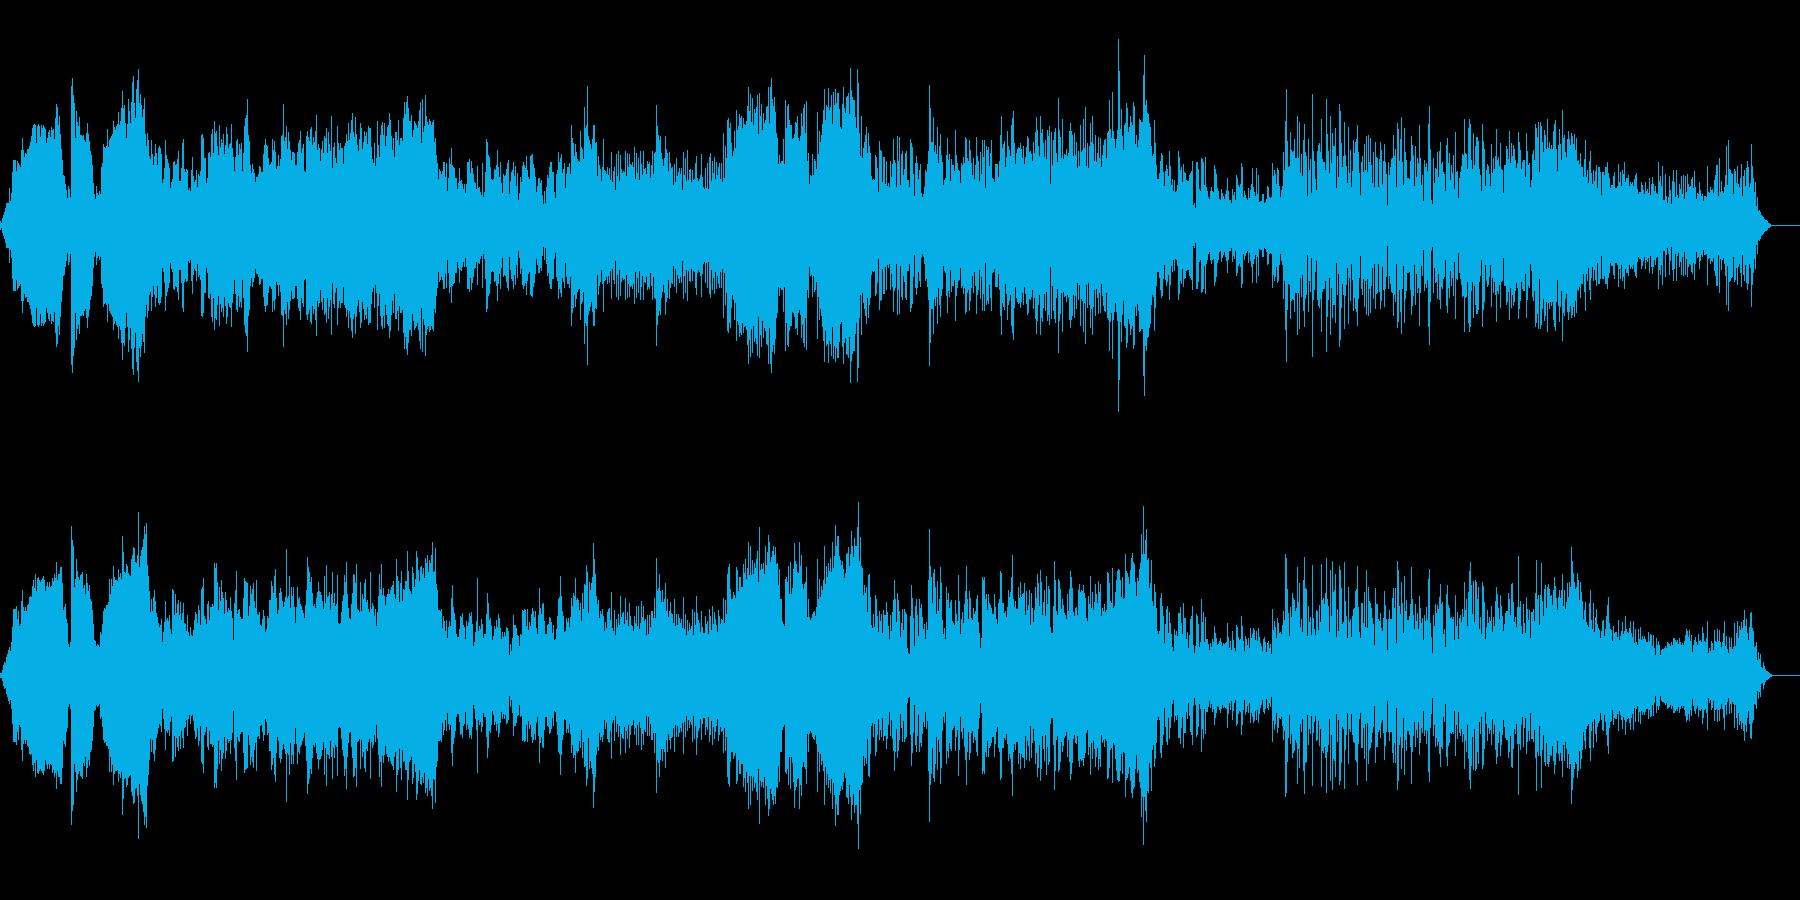 ハイブリットなムービートレーラーの再生済みの波形